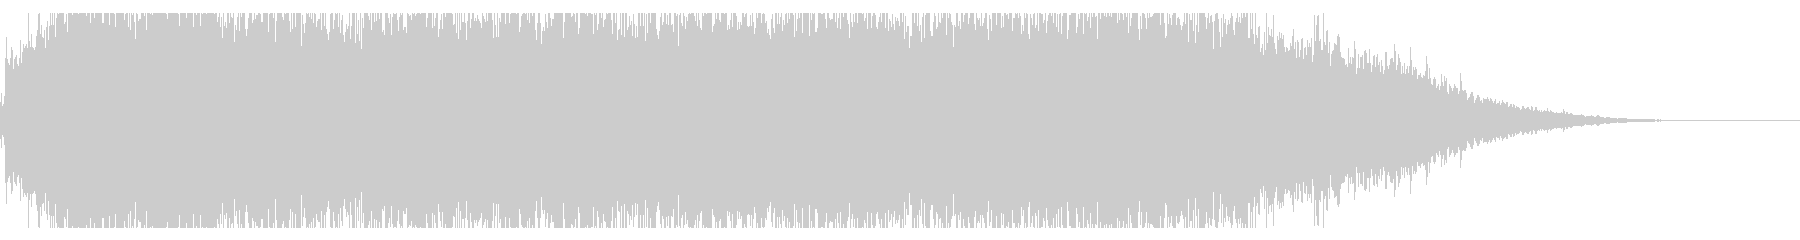 トラウマのフラッシュバックの未再生の波形